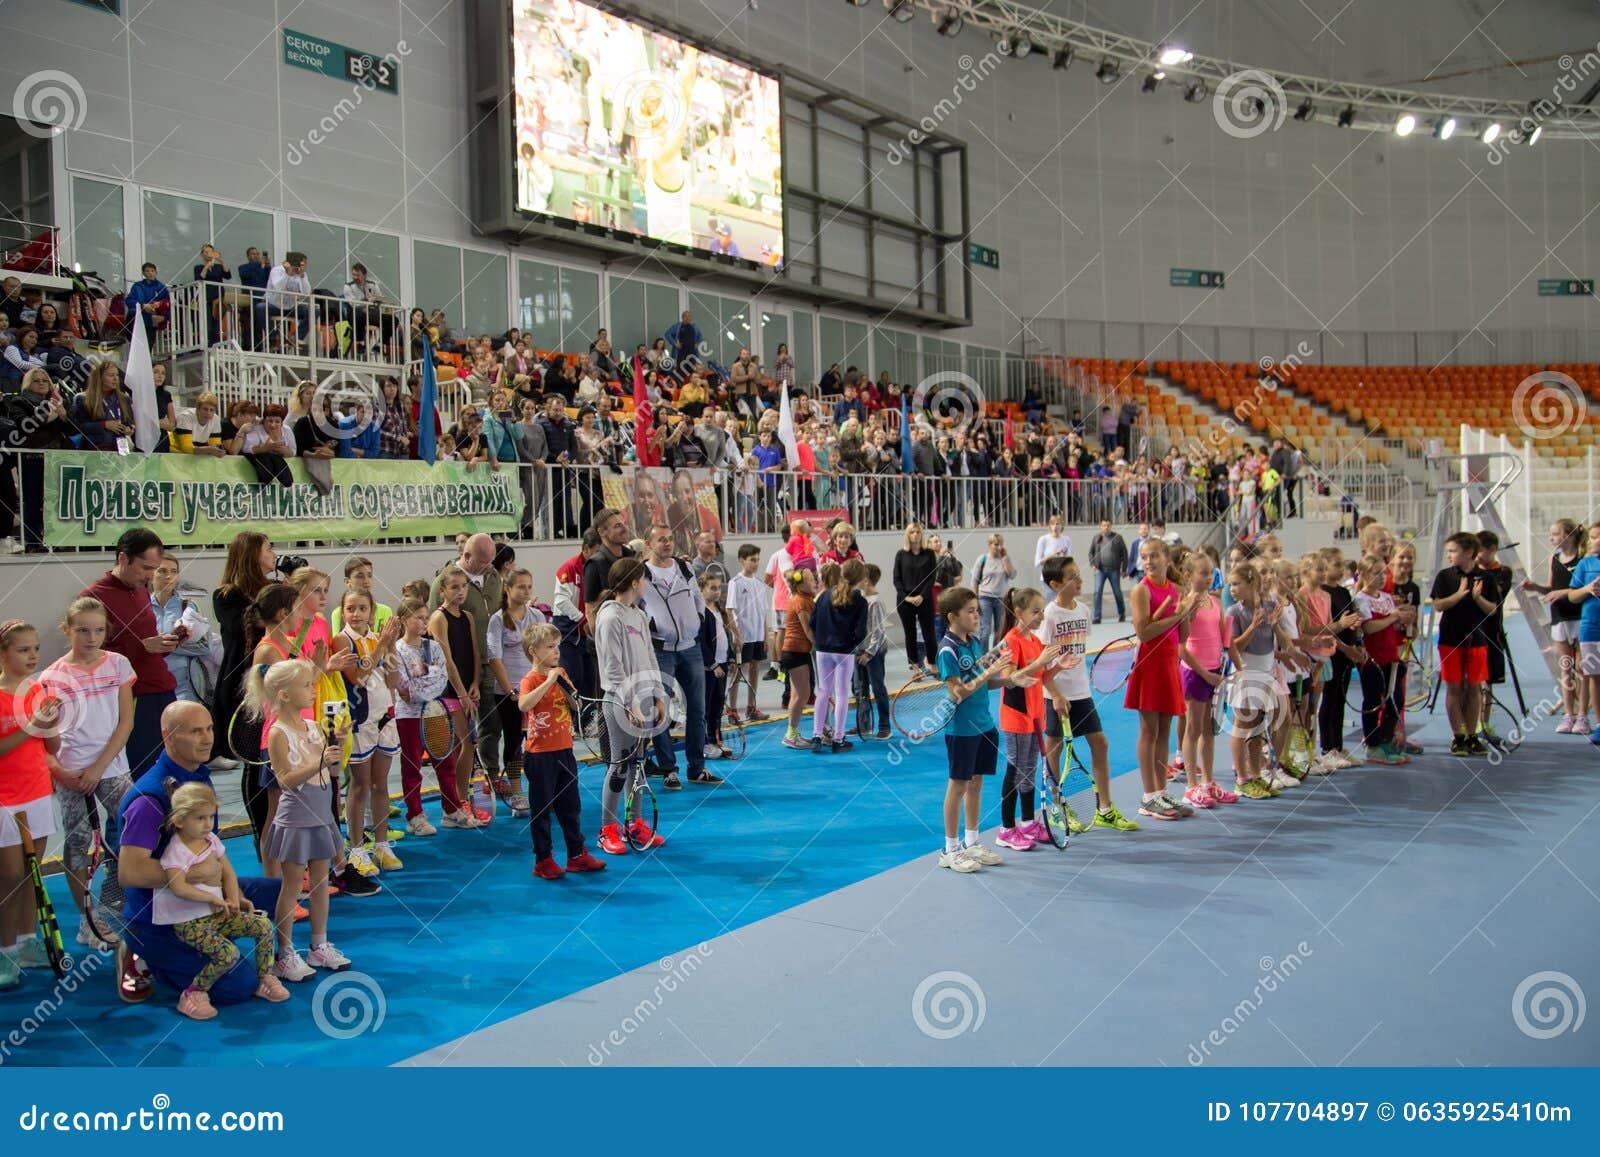 Download Tennistoernooien Voor Prijzen Van Elena Vesnina Redactionele Fotografie - Afbeelding bestaande uit wedstrijd, winnaar: 107704897